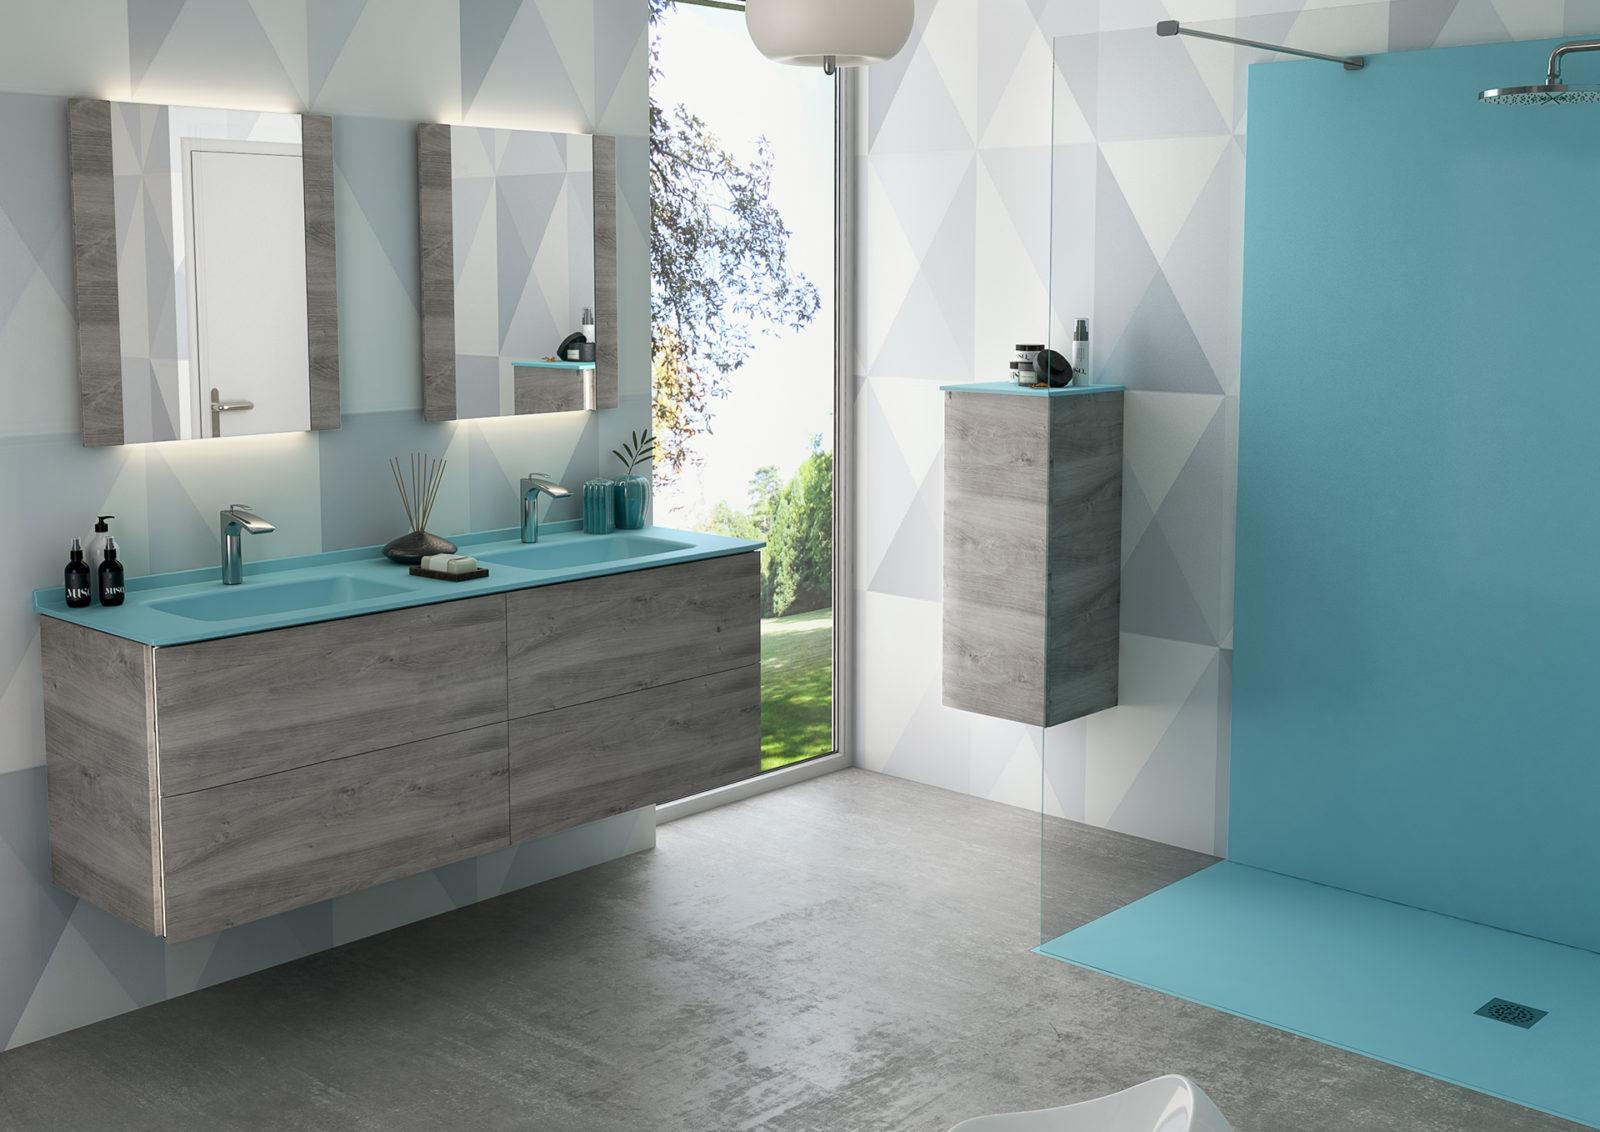 Meubles de bains & Espaces douche assortis - Ambiance bain - le blog